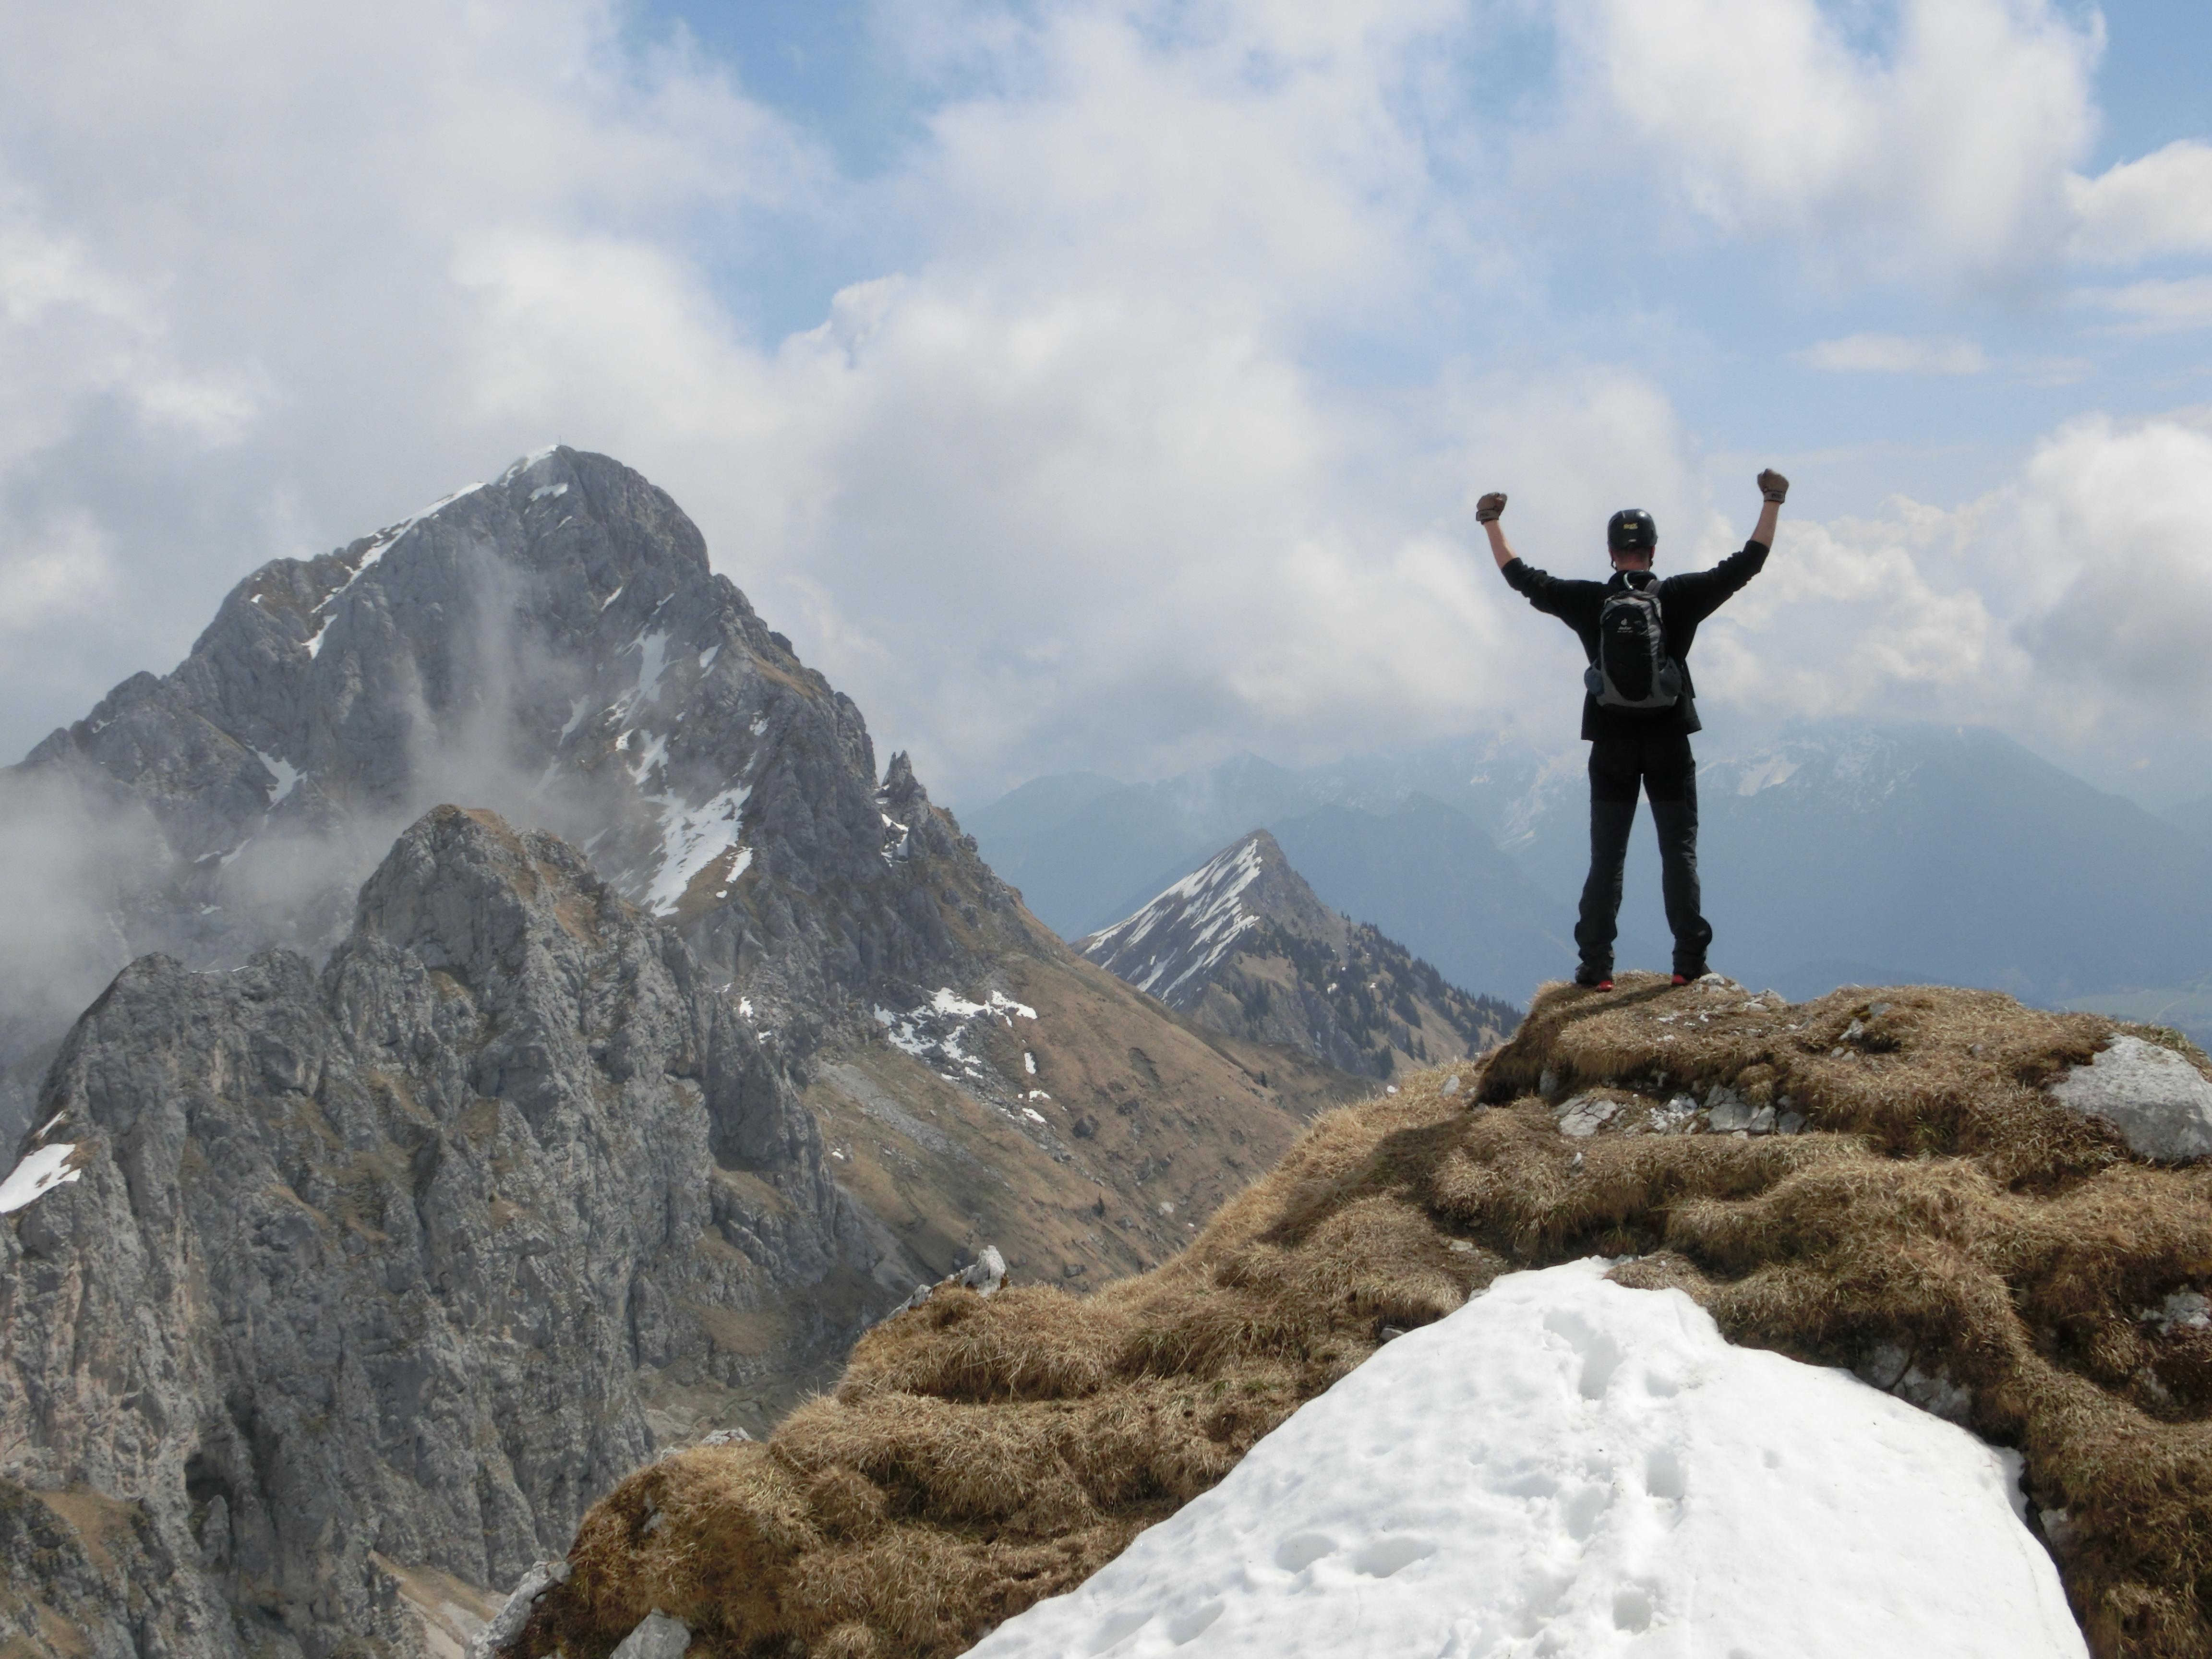 Friedberger Klettersteig : Endlich wieder am fels der friedberger klettersteig im tannheimer